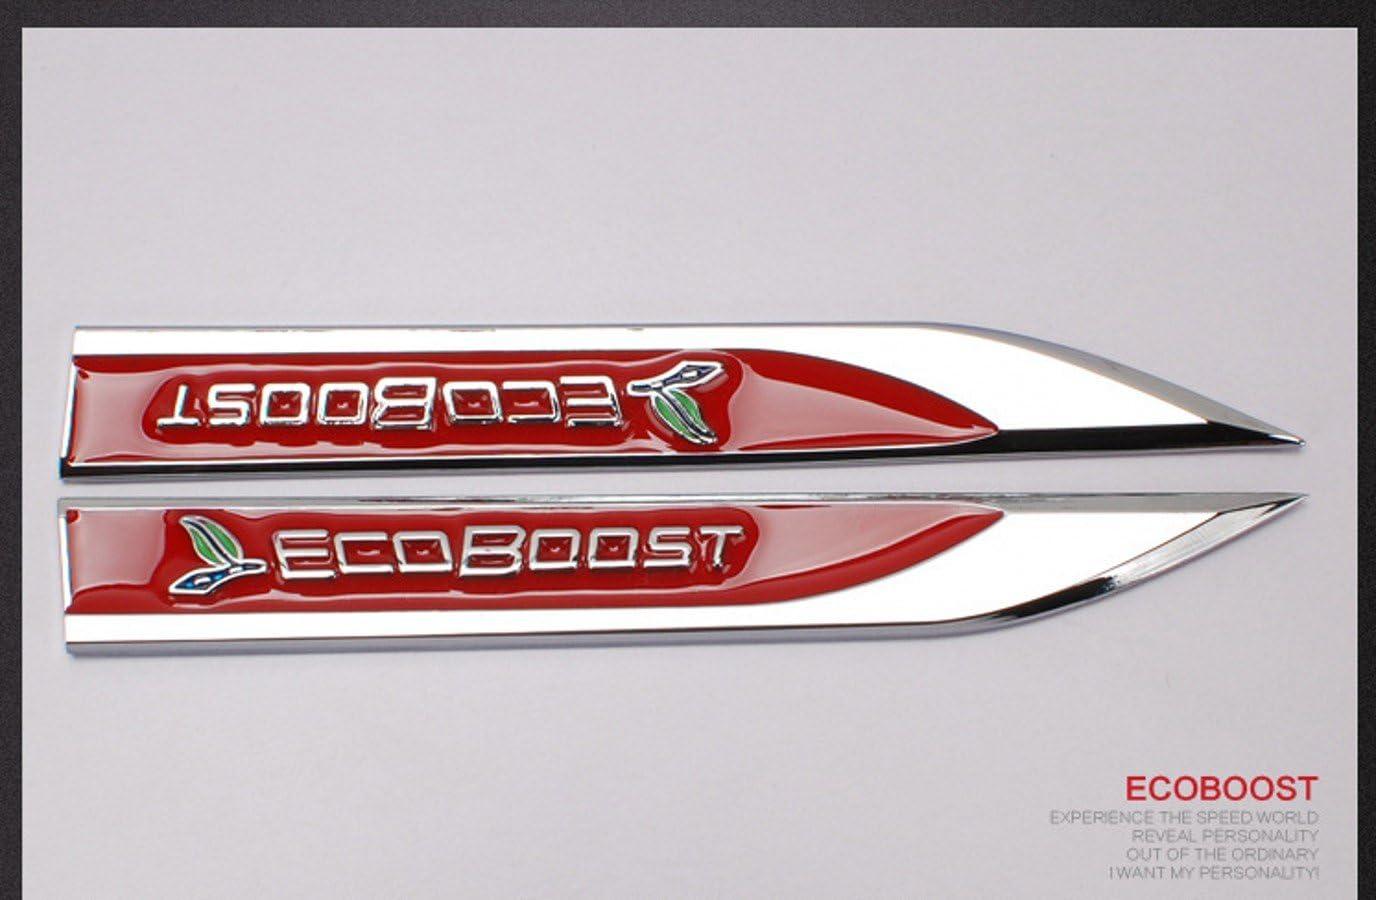 Adesivo per Moto Elegante alla Moda Riflettente Decorazione per Decalcomanie per Parafango per Moto Adesivo per Moto